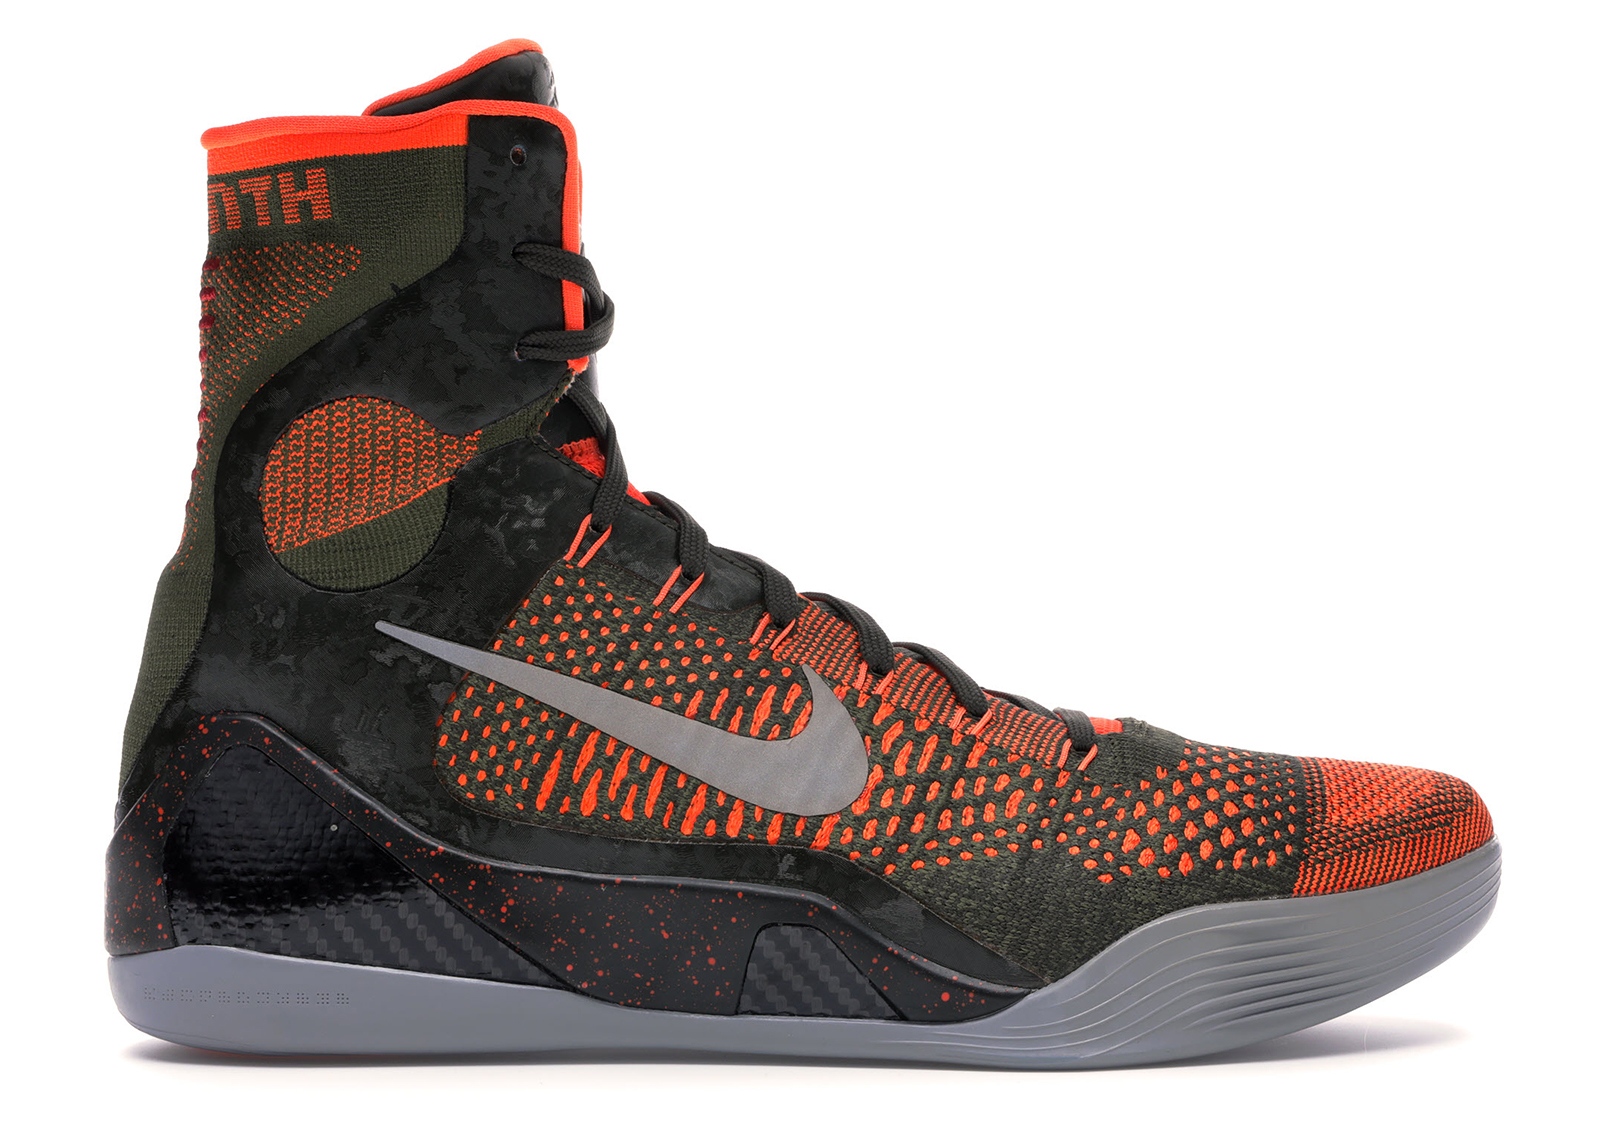 Nike Kobe 9 Elite Sequoia - 630847-303